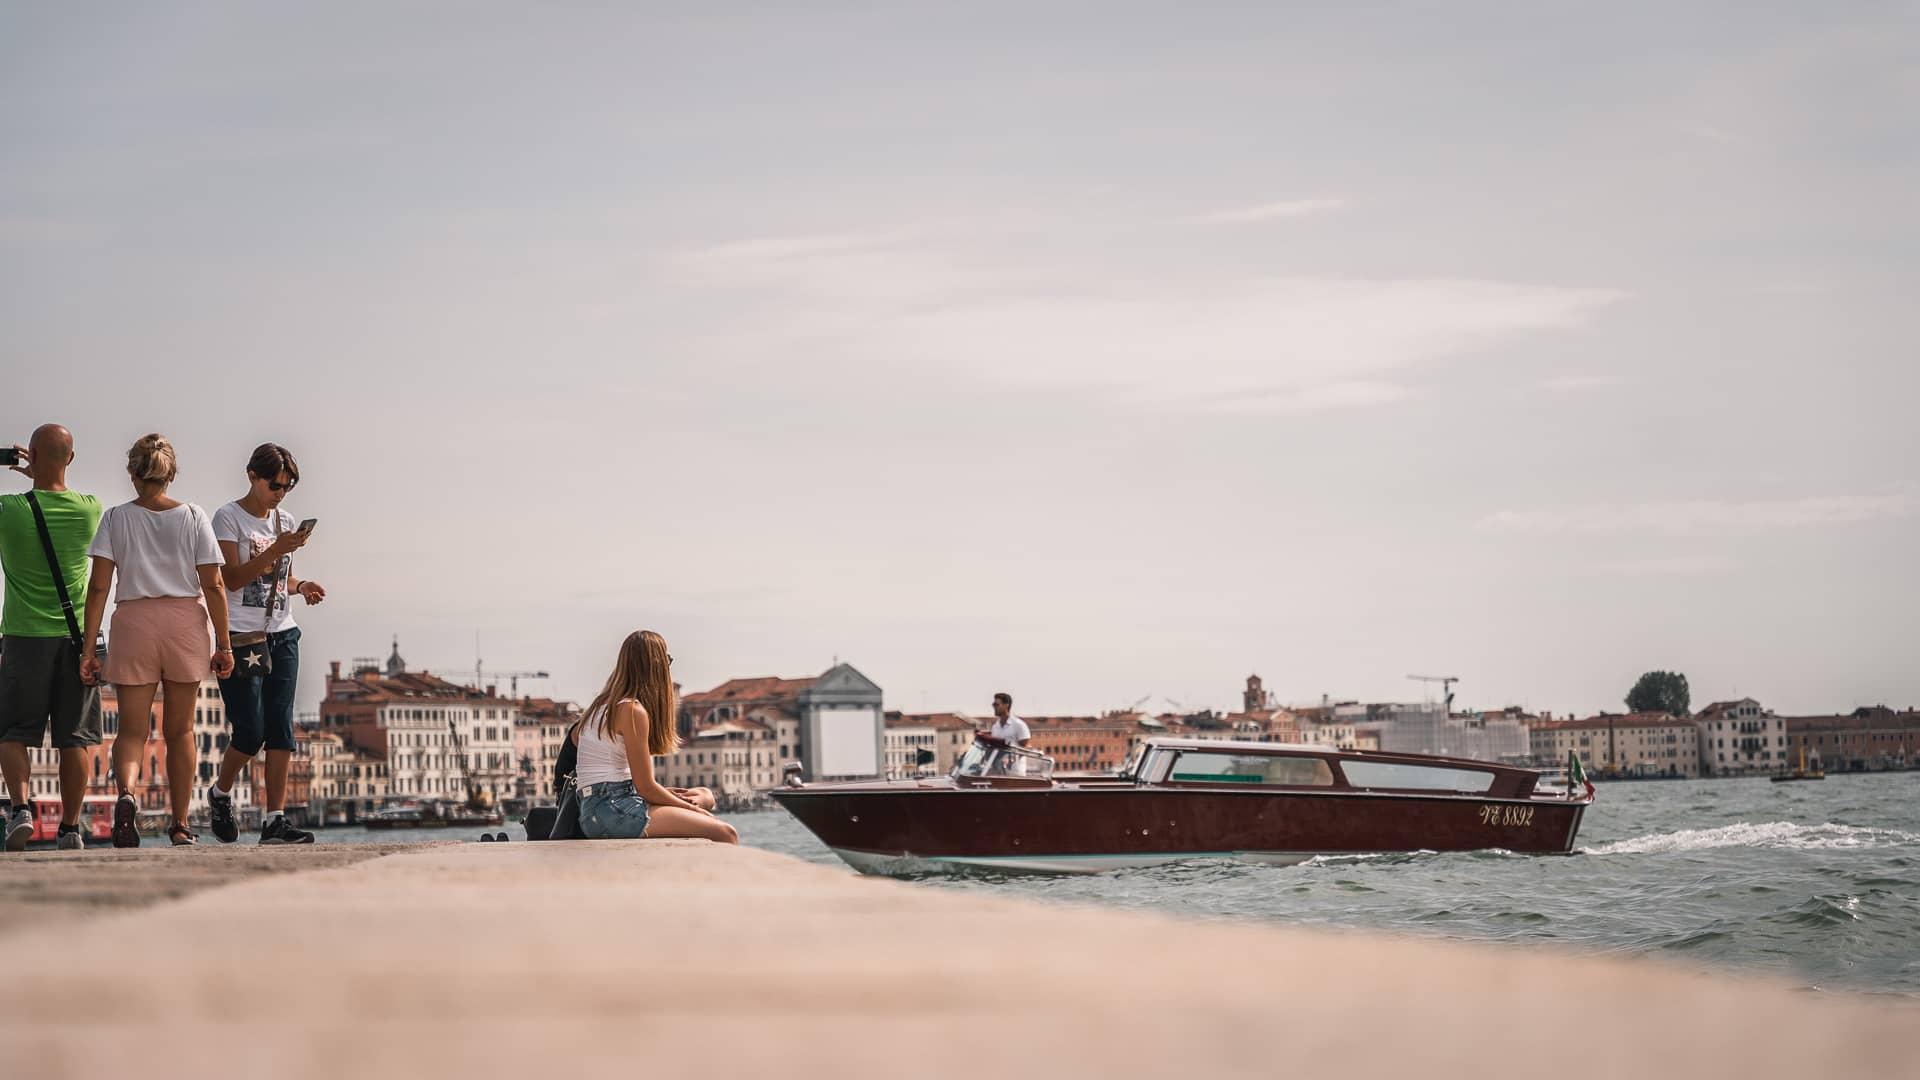 Koniec Canal Grande w Wenecji, Włochy